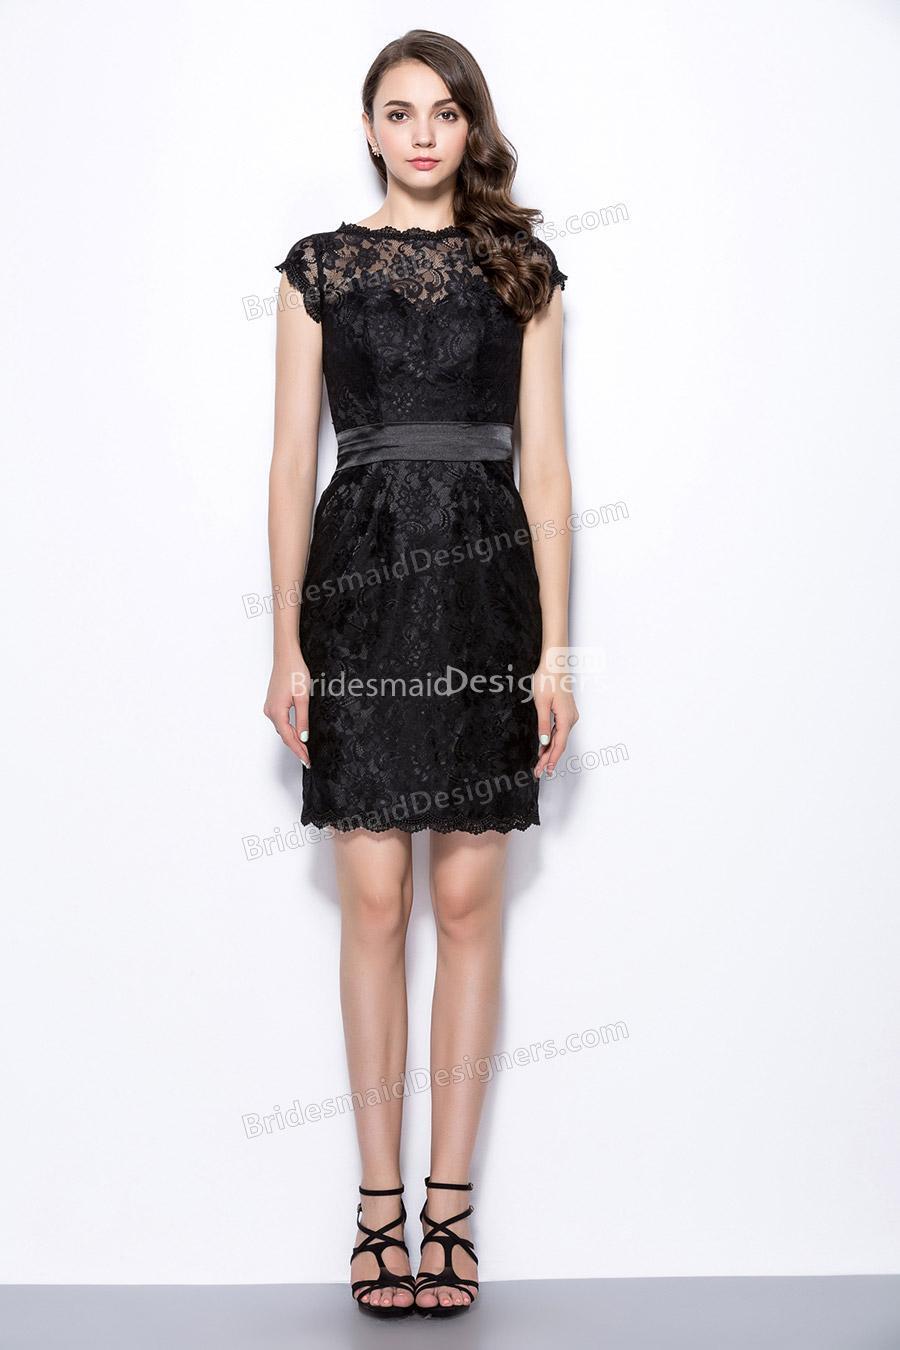 Hochzeit - Short Bridesmaid Dresses 2015 & Mini Dresses for Sale